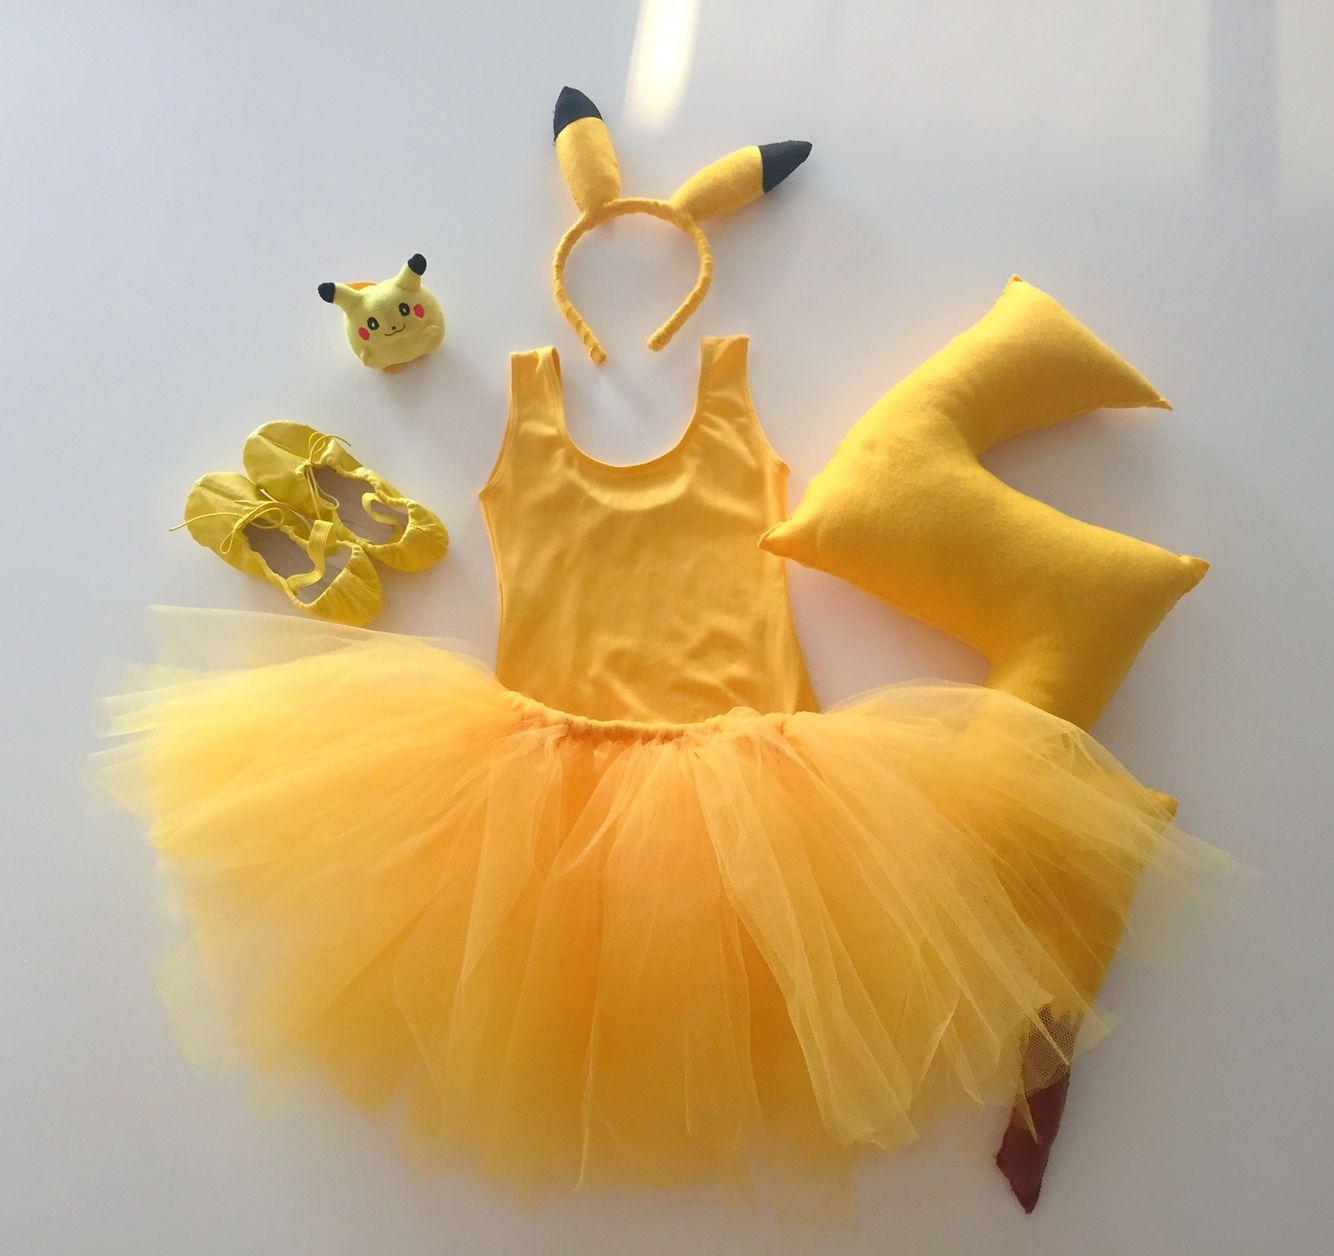 die besten 25 baby pikachu costume ideen auf pinterest pikachu kost m pikachu halloween. Black Bedroom Furniture Sets. Home Design Ideas